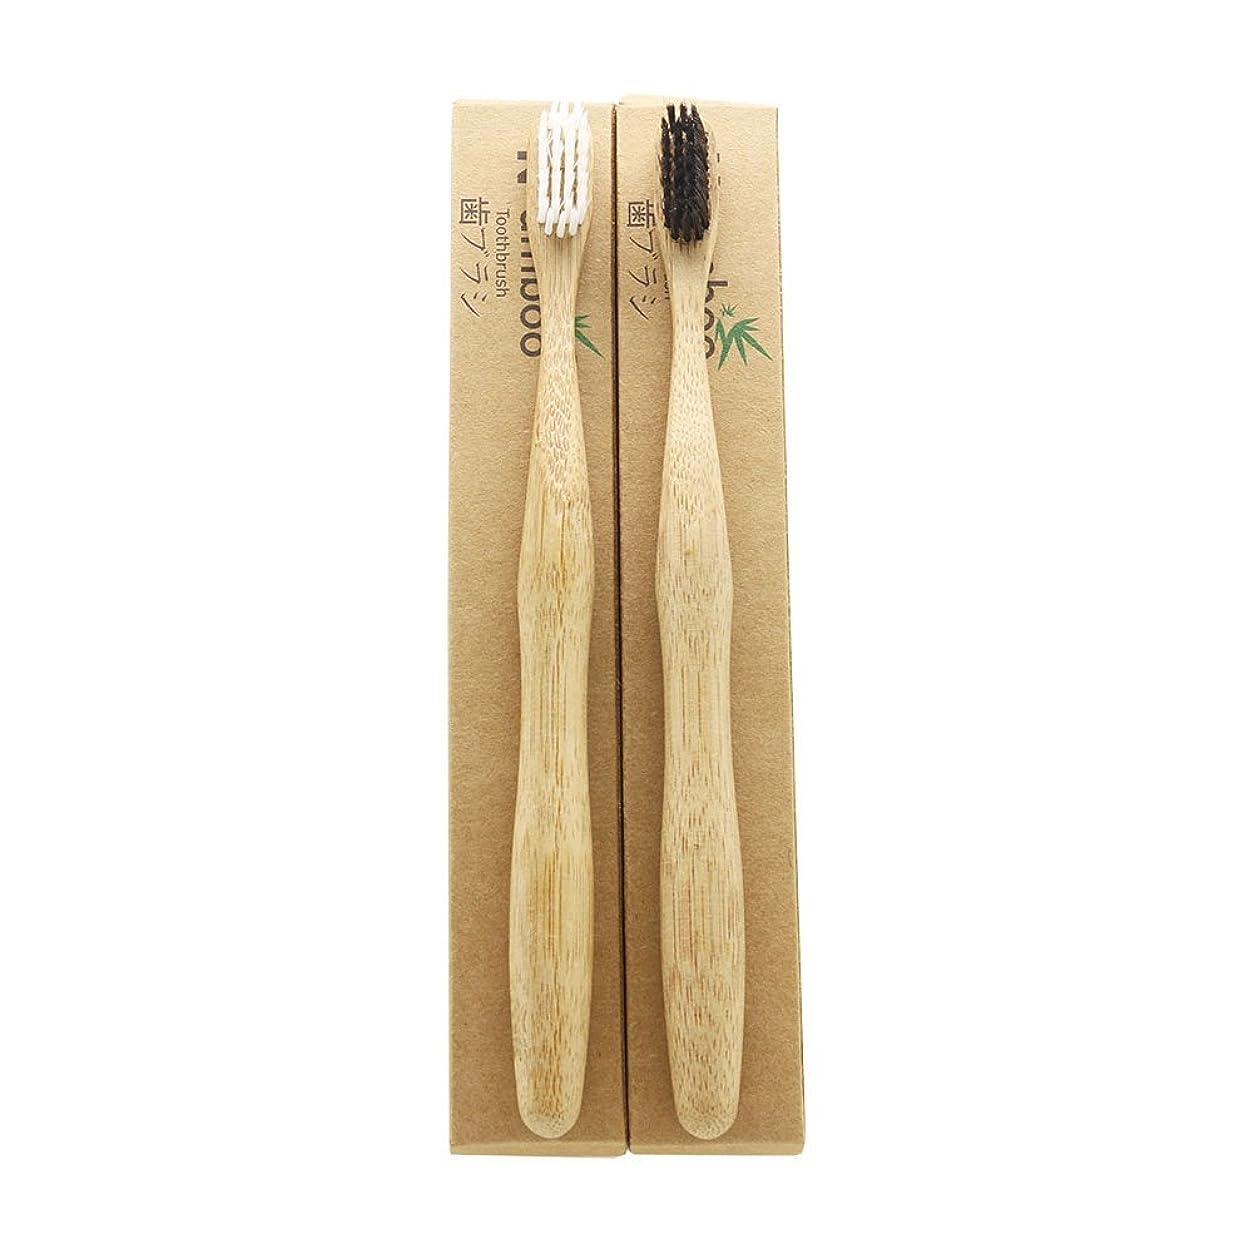 接地妻またN-amboo 竹製 歯ブラシ 高耐久性 白と黒 セット エコ  (2本)